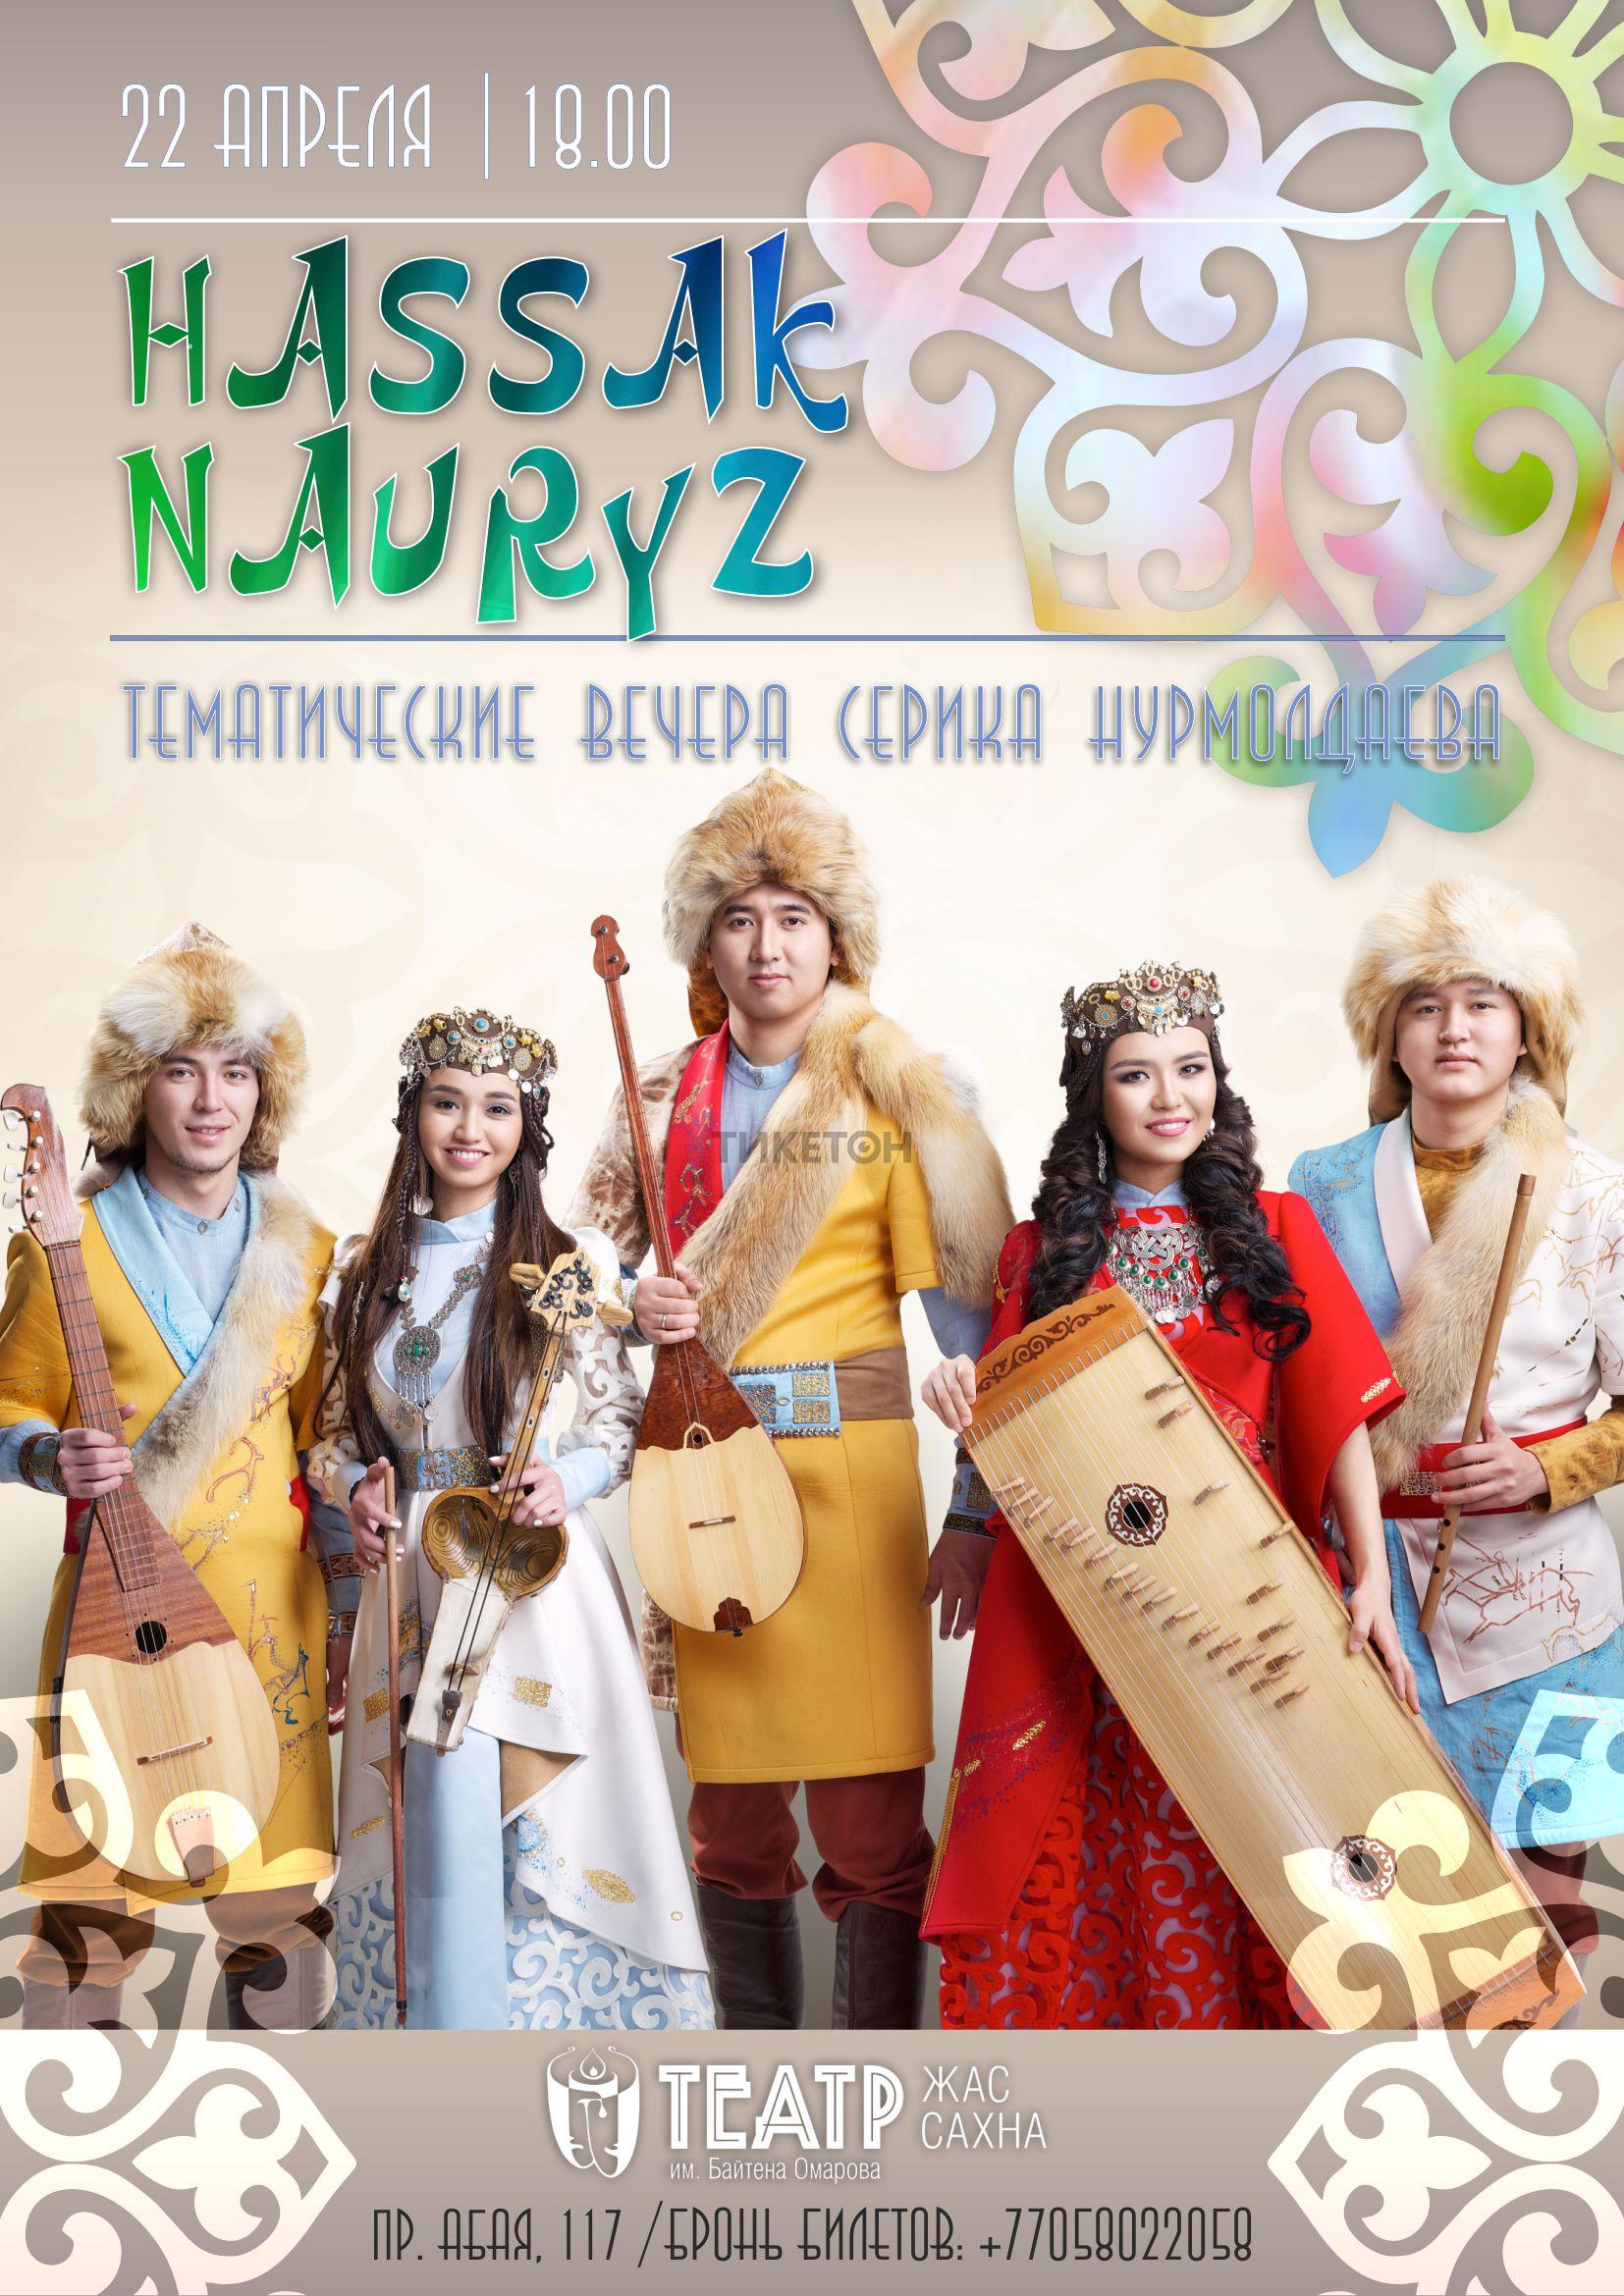 HASSAK NAURYZ